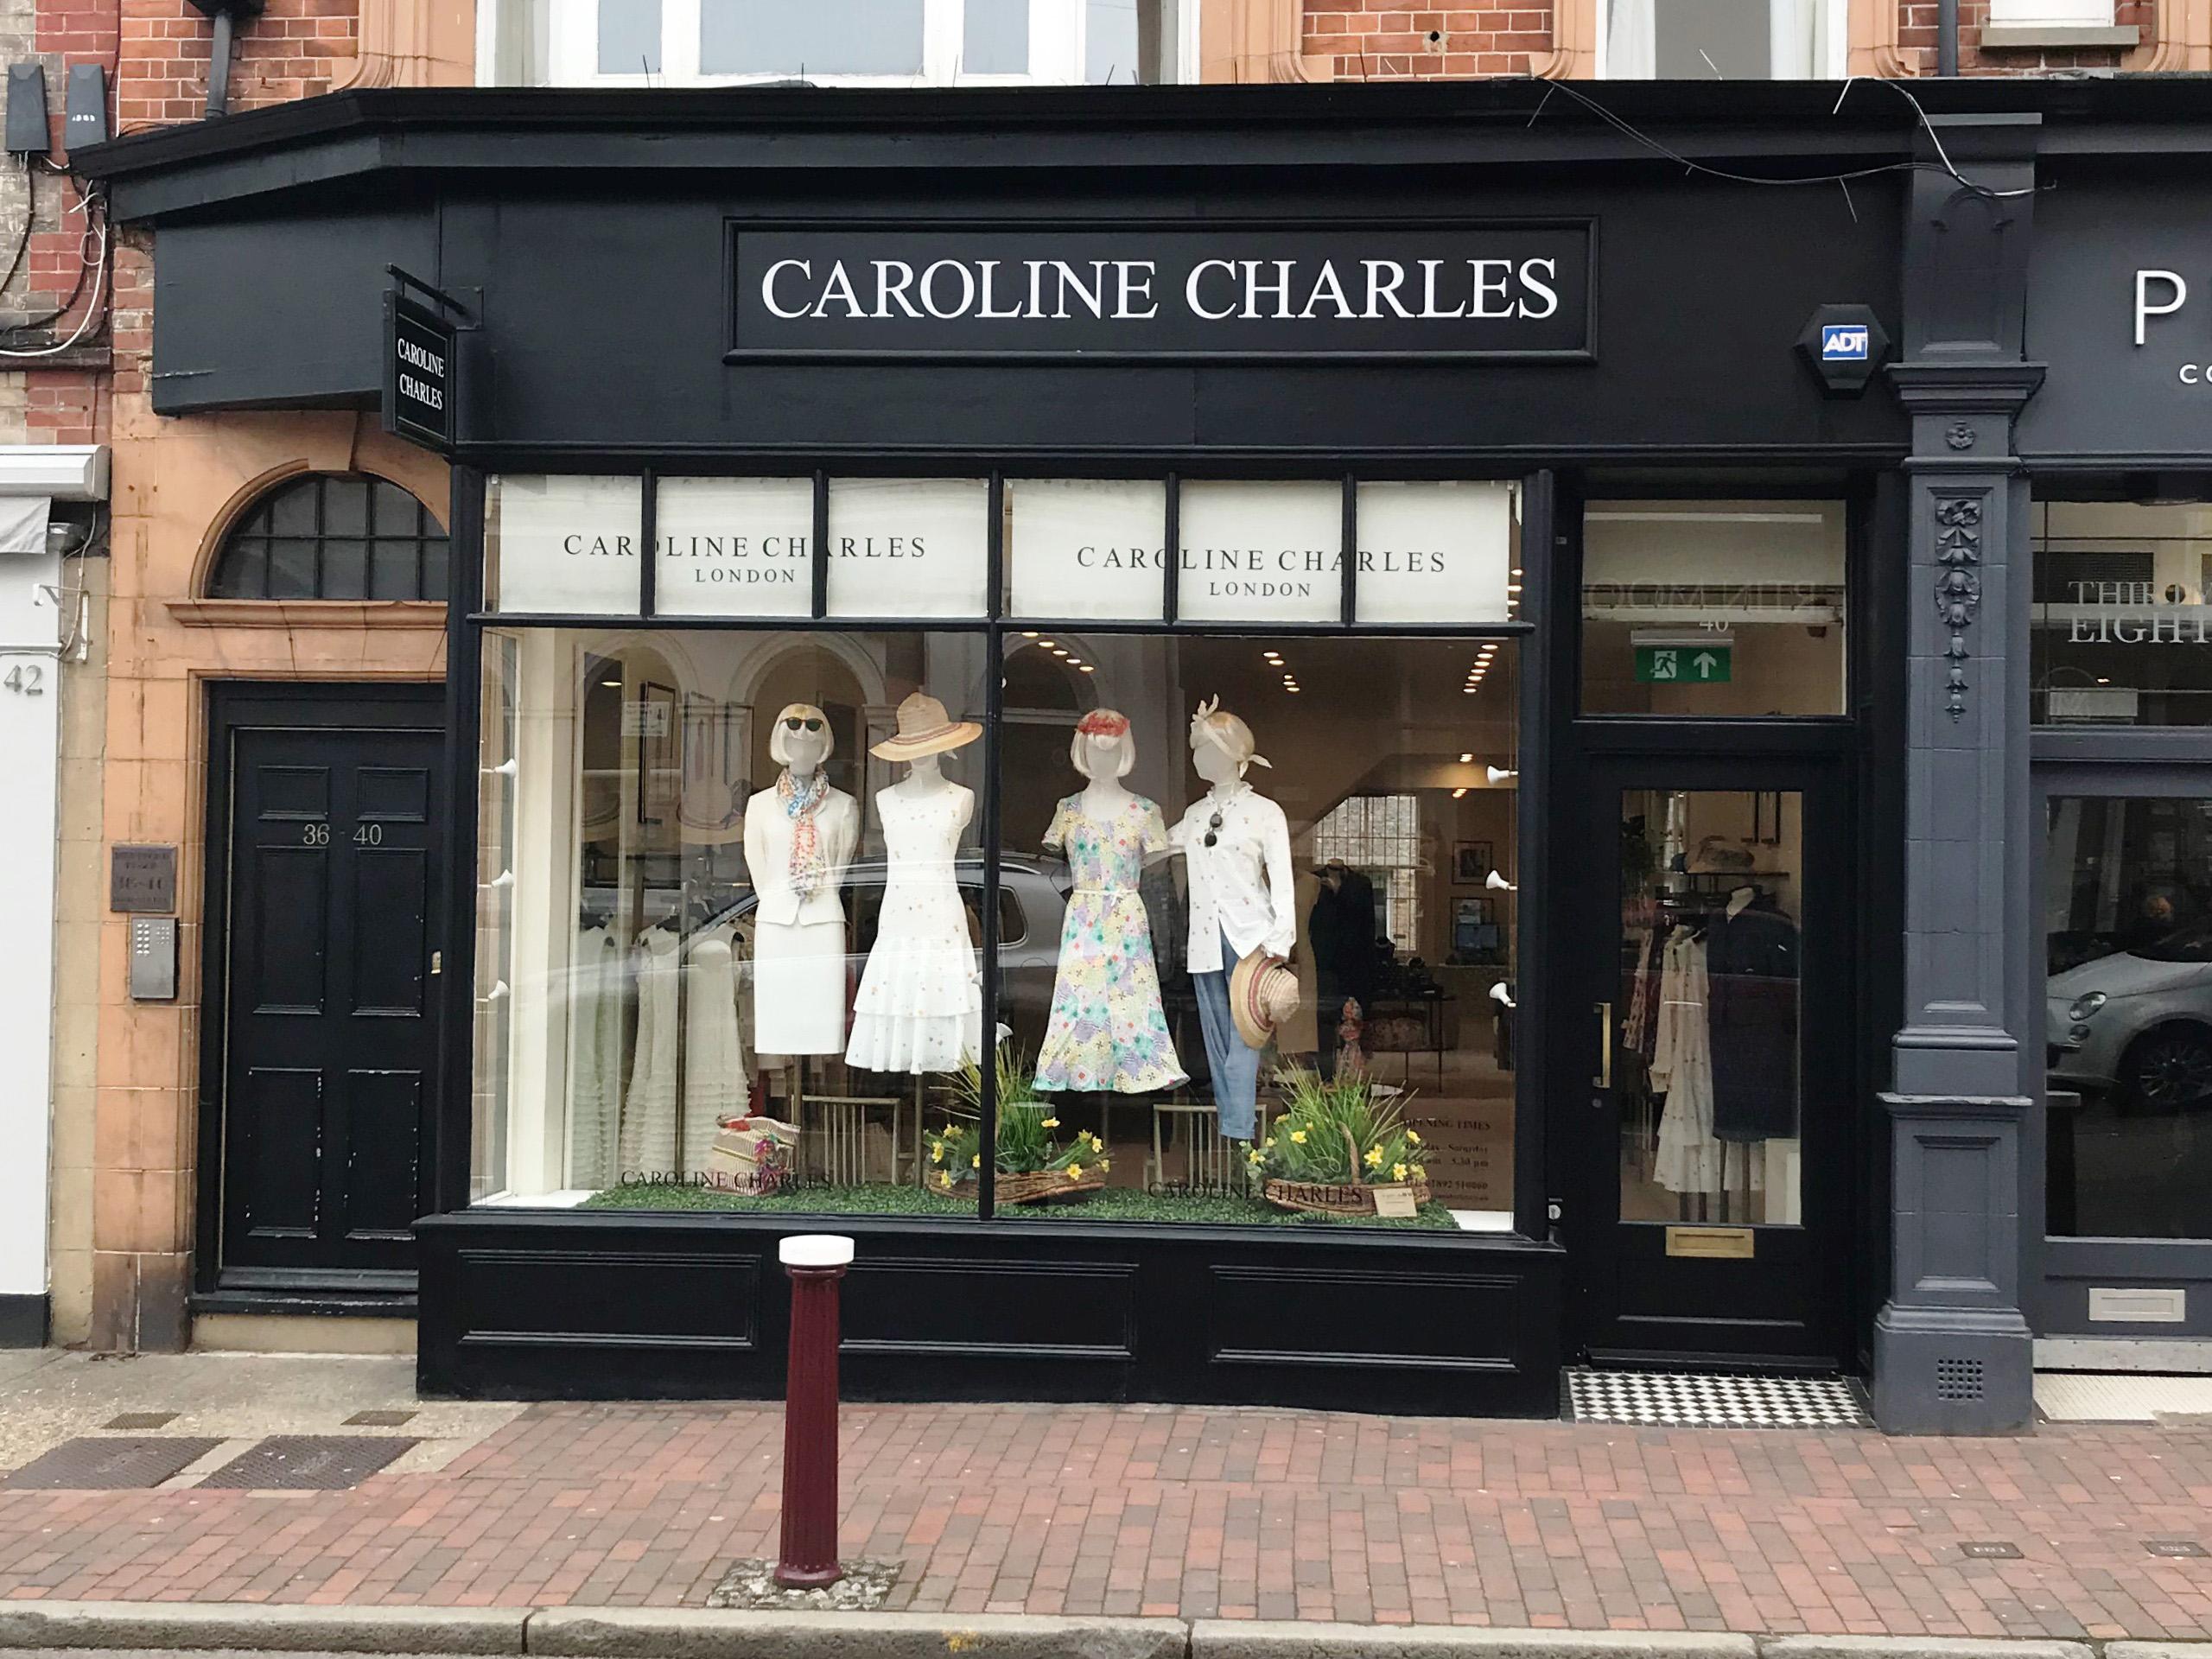 Caroline Charles designer fashionwear, Royal Tunbridge Wells